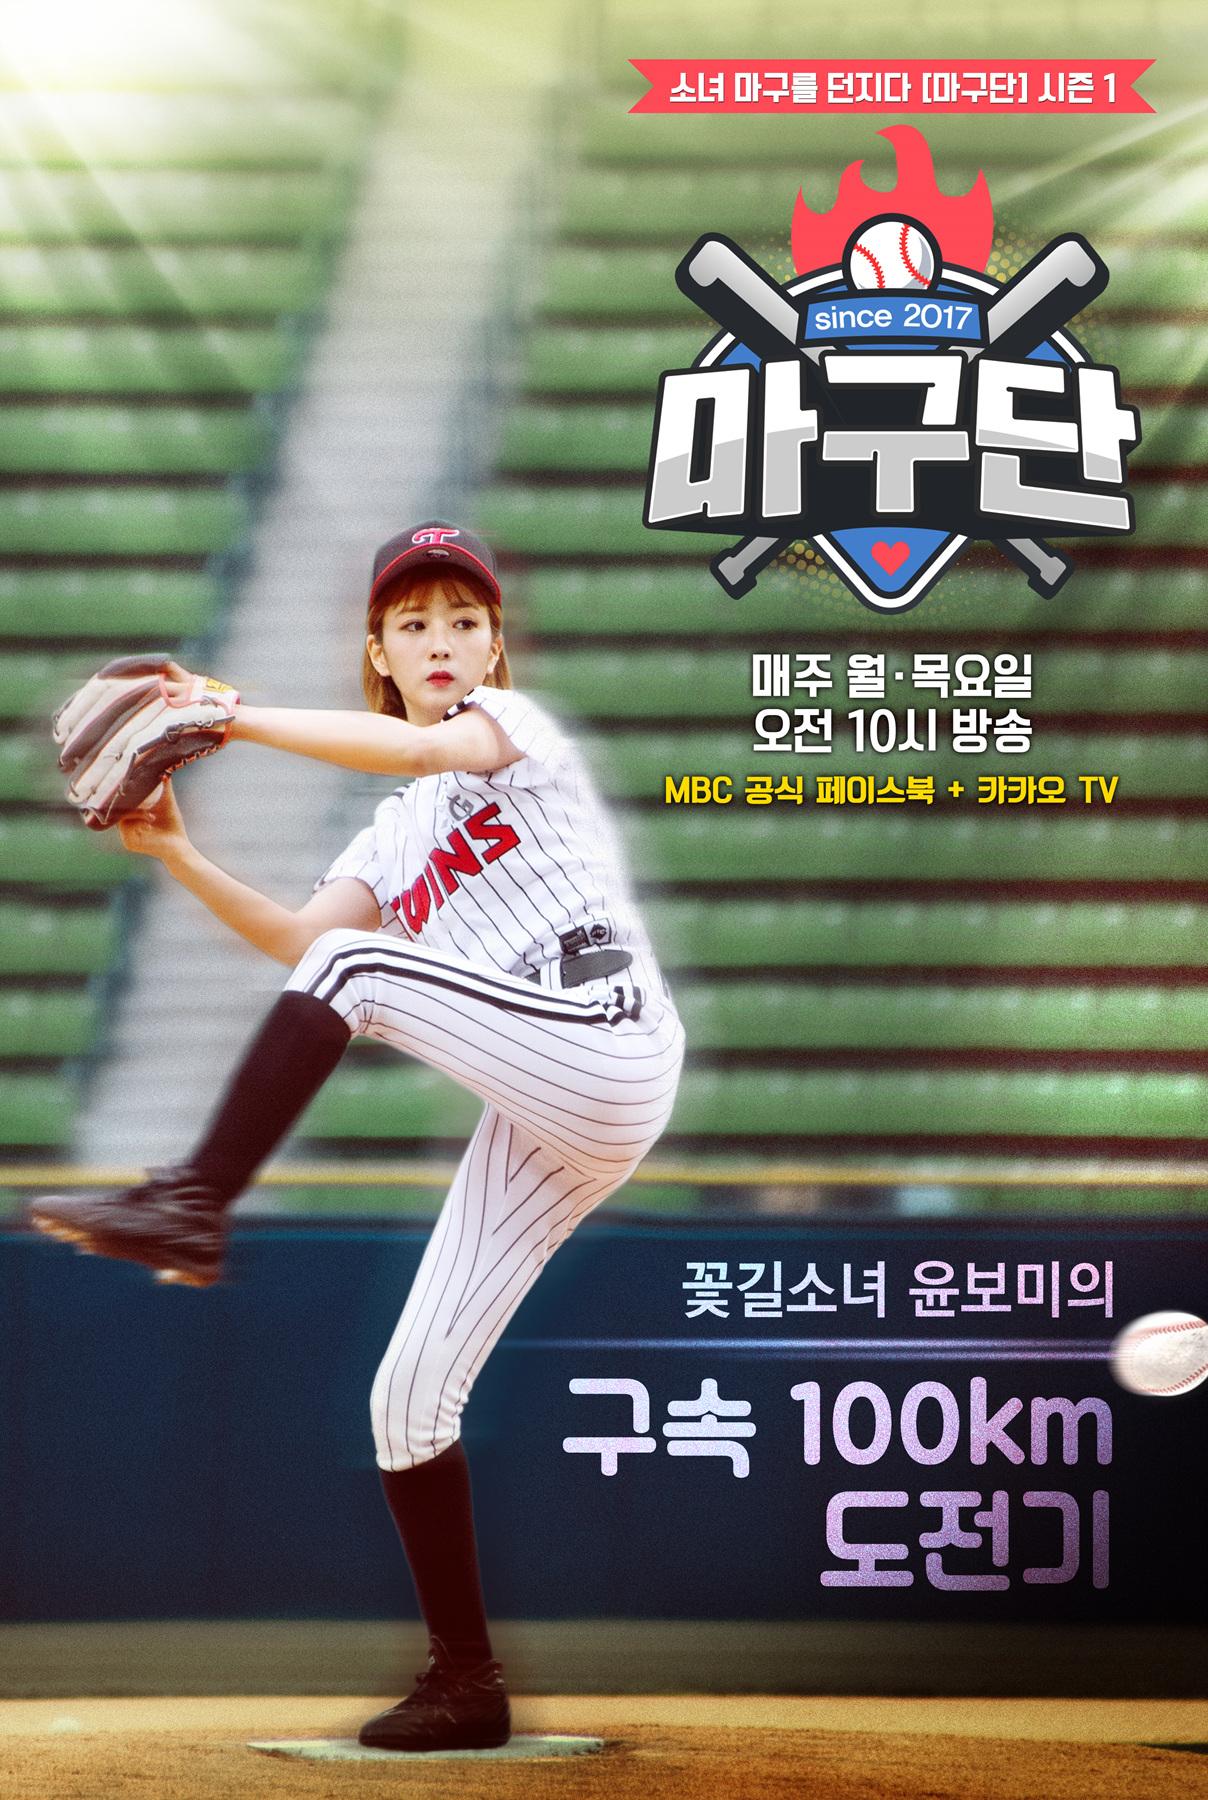 <마구단> 윤보미의 구속 100km 투수 도전기는 과연 성공?!